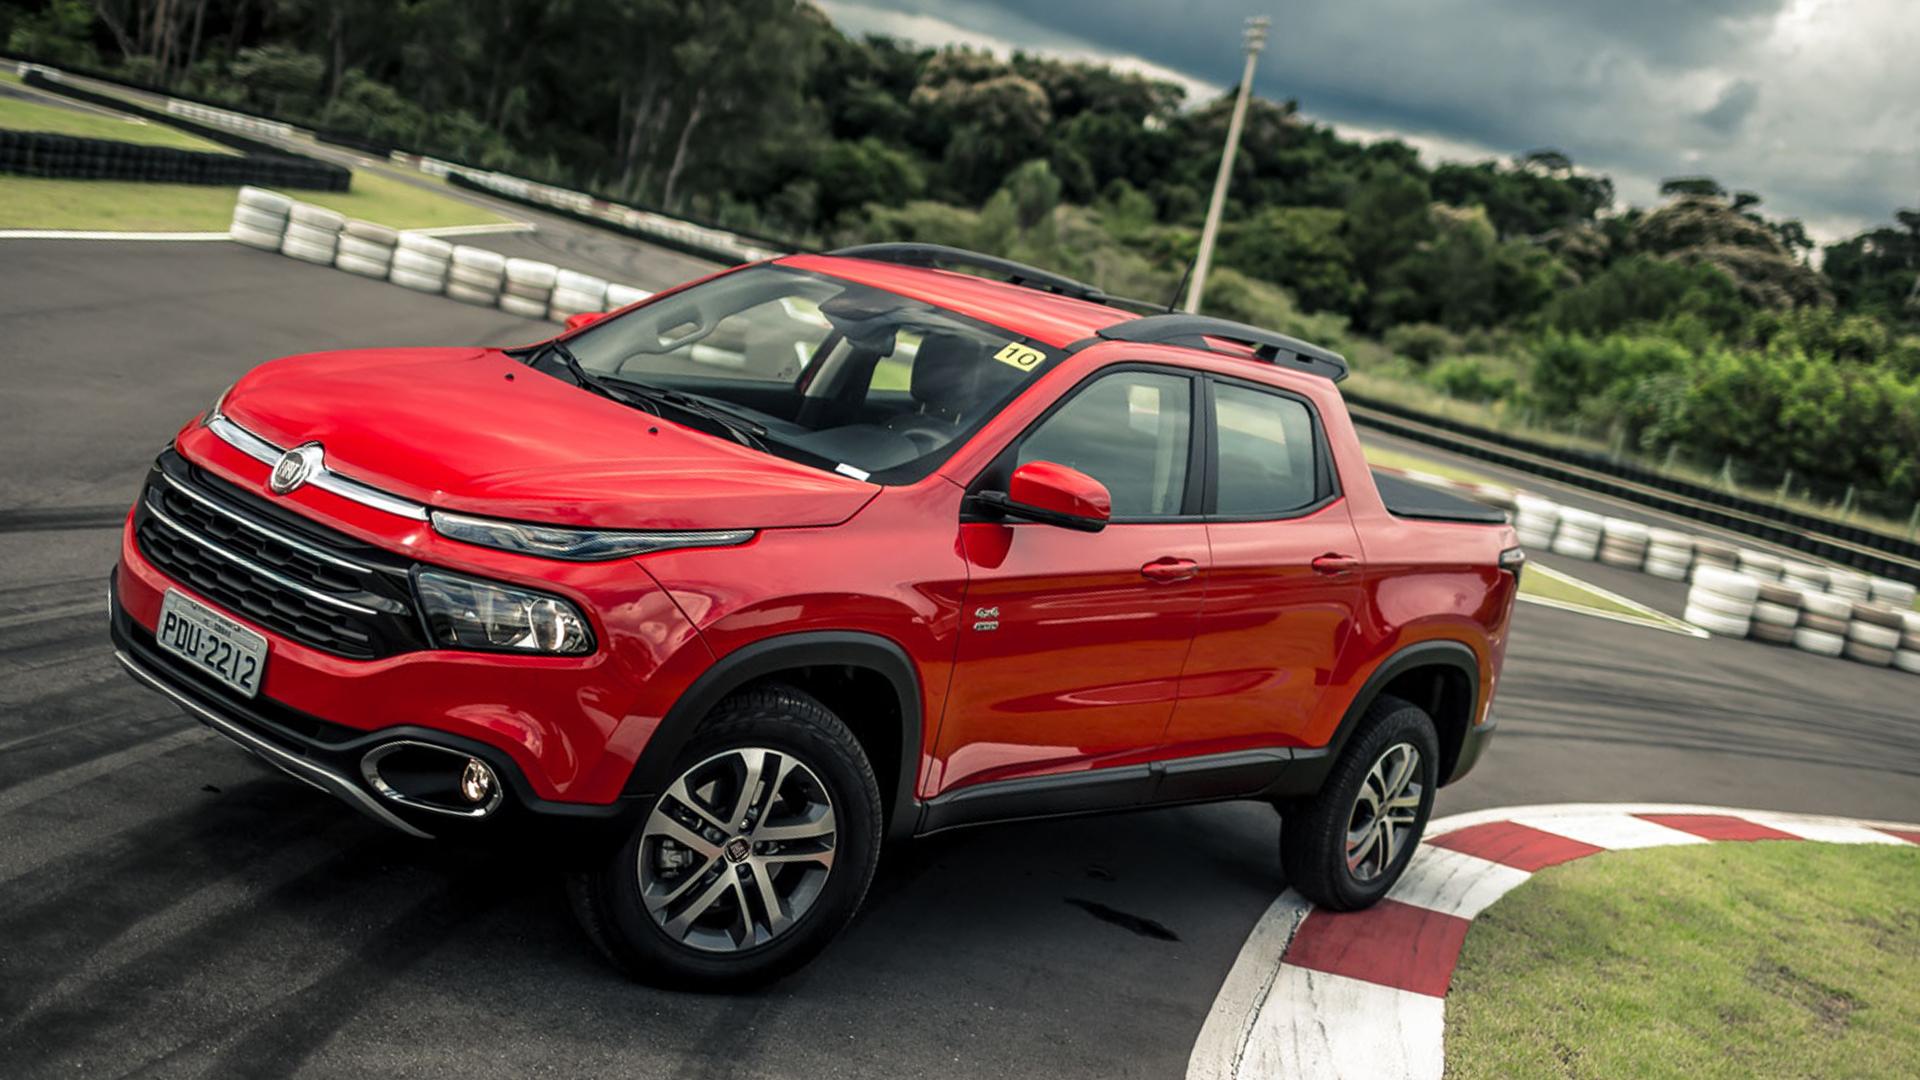 Итальянский производитель «Фиат» презентовал рестайлинговый Toro-2020. У пикапа появилось новое оборудование, а дизельный мотор стал доступен уже в базе.